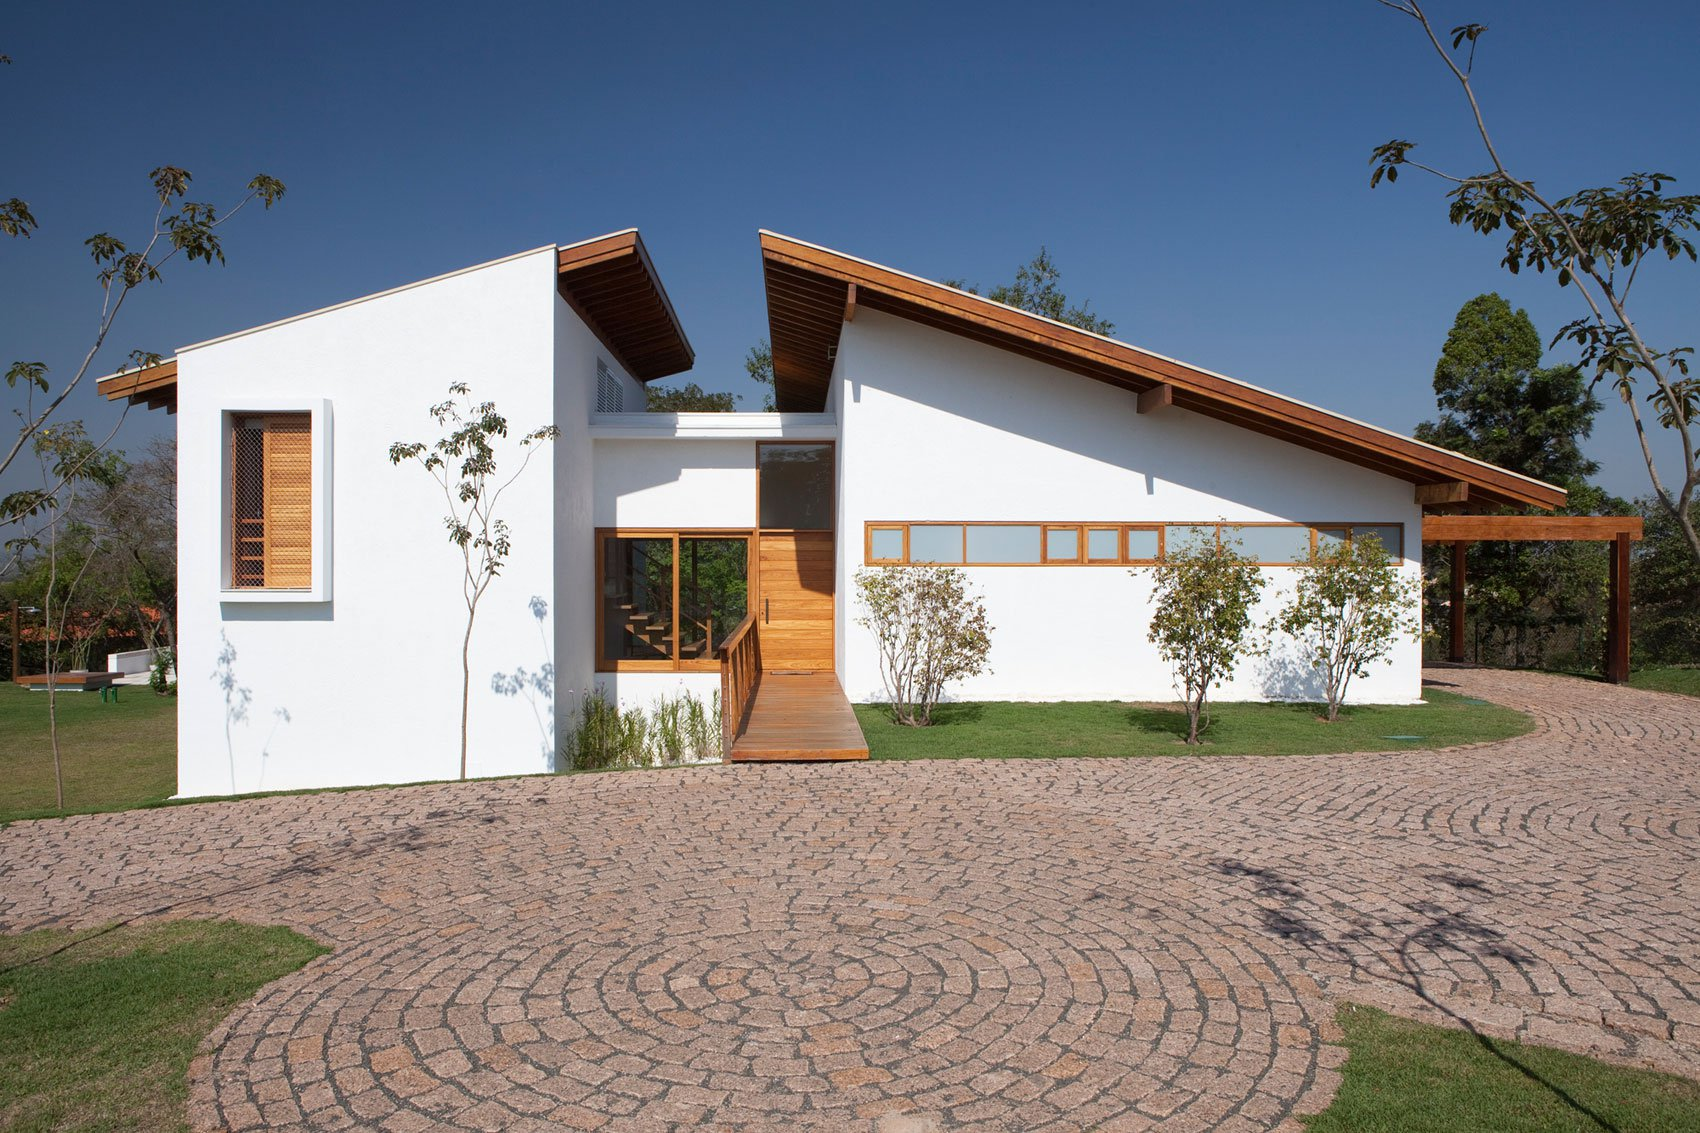 Casas de campo casas y fachadas fachadas casas campo for Fachadas de casas de campo